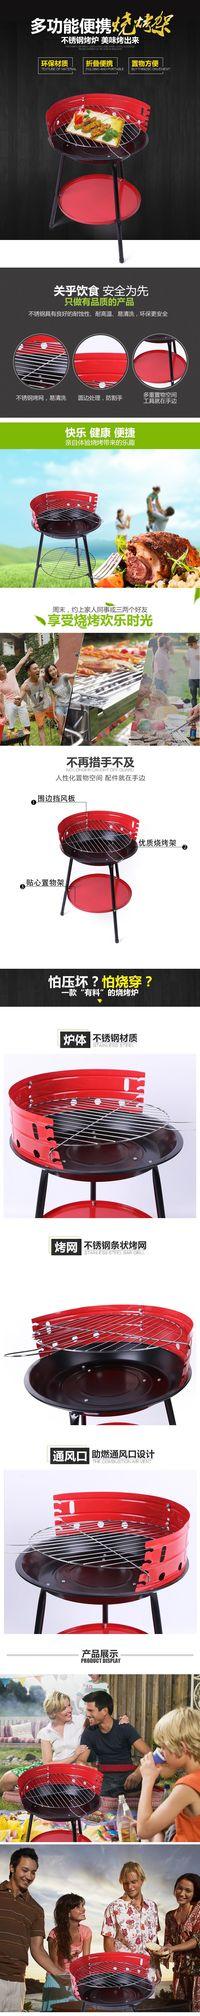 铁片三脚炉 圆形户外档风烤网高度3档可调便携红色烧烤架 迷你三脚木炭炉子